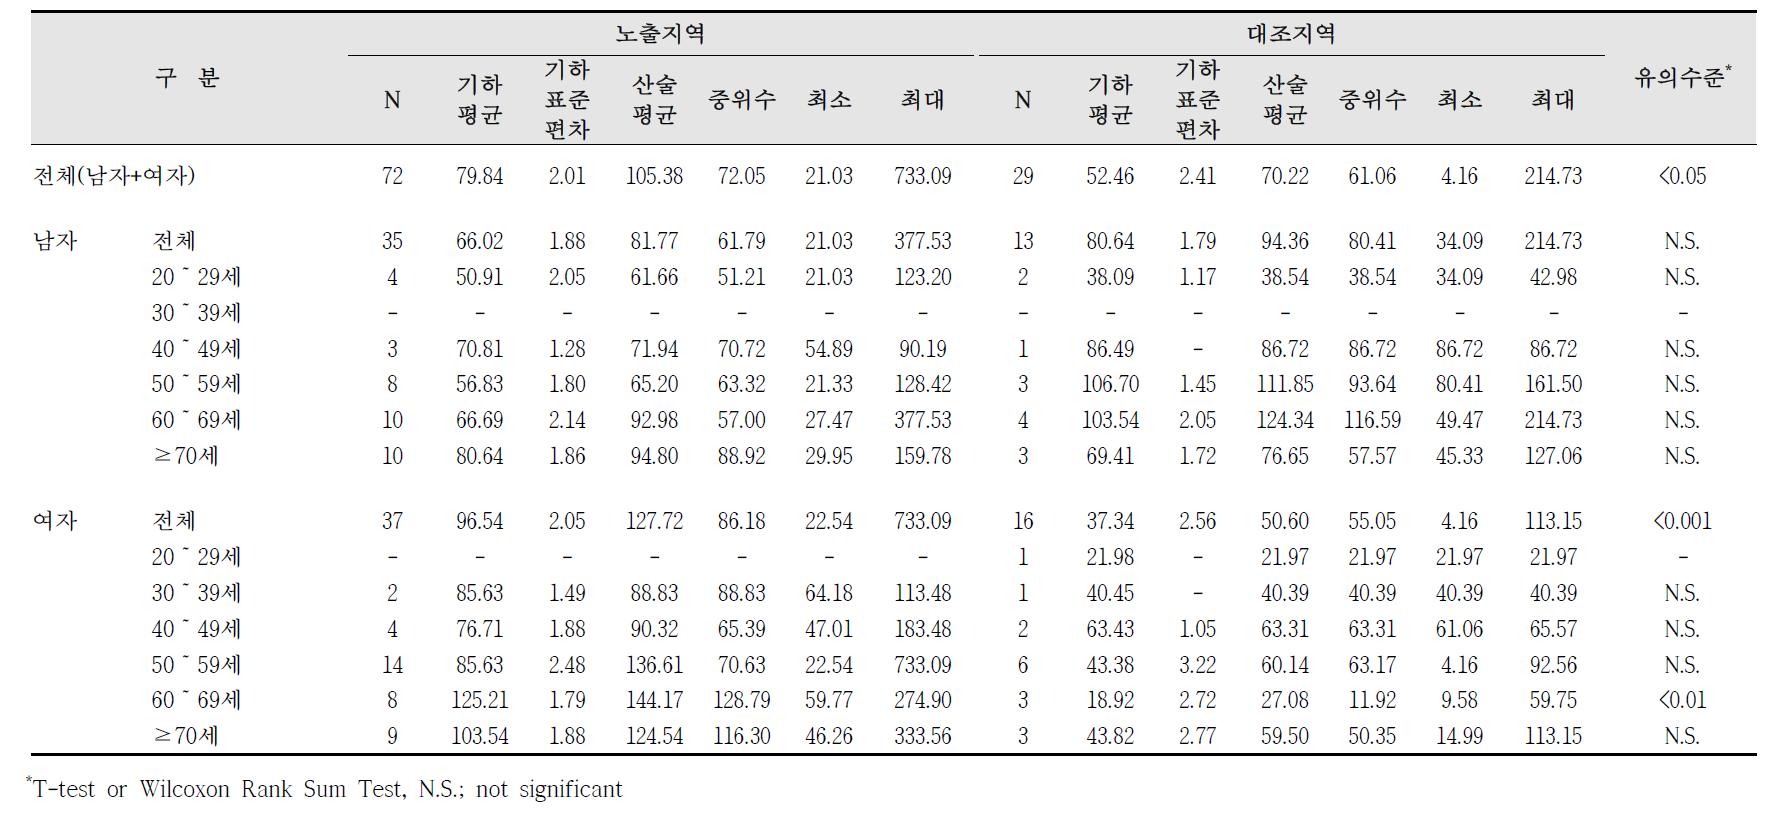 대산산업단지 요중 MnBP 농도 비교